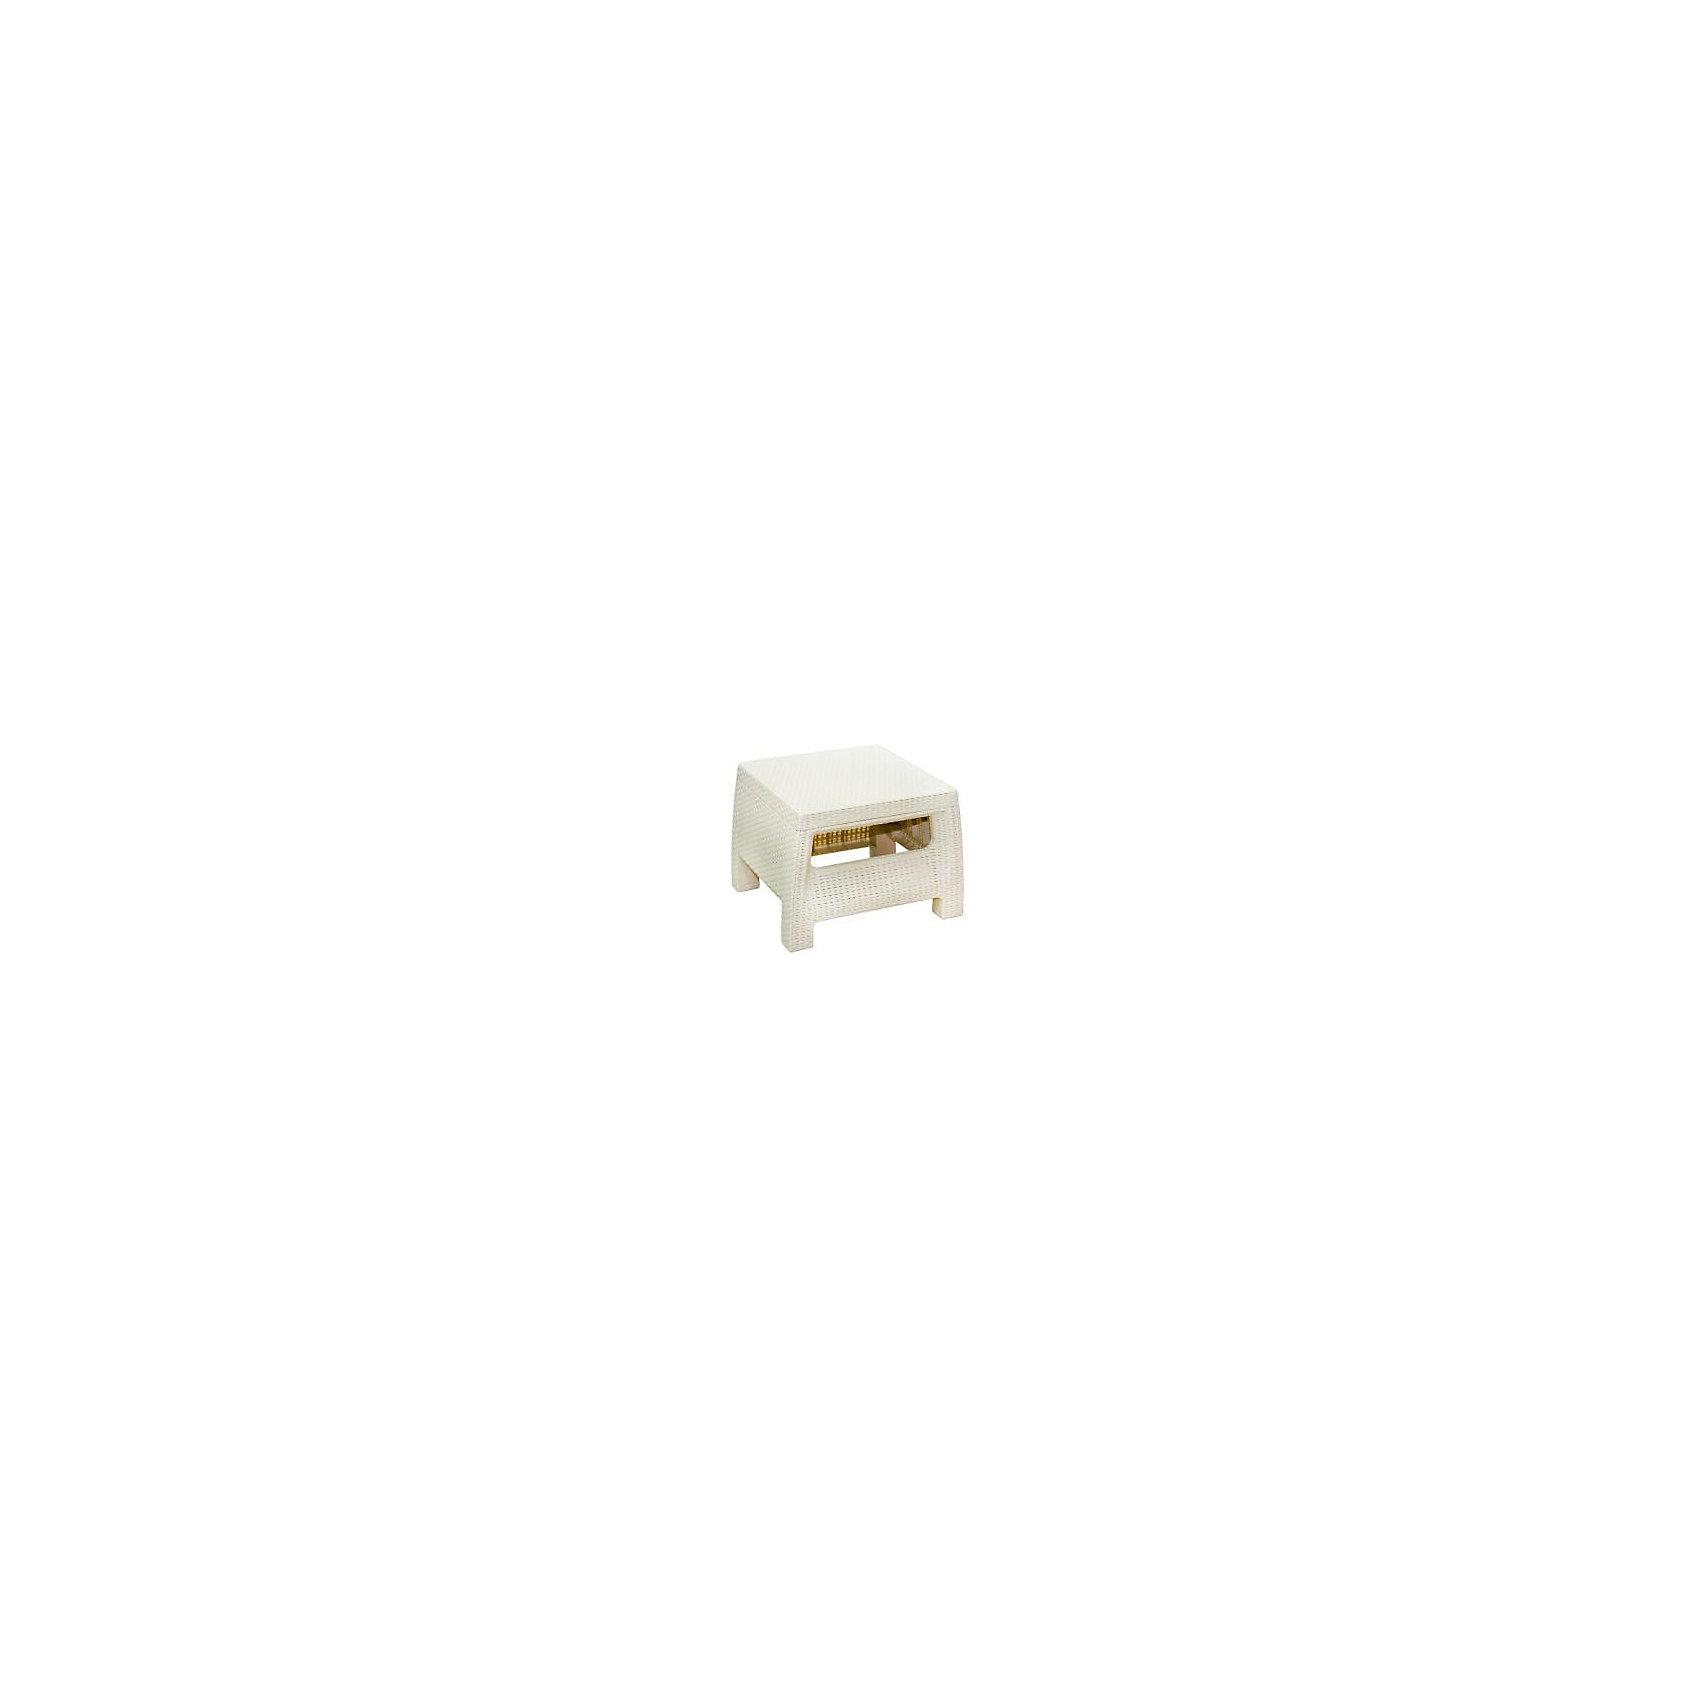 Стол Ротанг, квадратный, Alternativa, слоновая костьСтол Ротанг 570х515х420, Alternativa (Альтернатива), слоновая кость<br><br>Характеристики:<br><br>• подходит в качестве журнального столика<br>• приятный дизайн<br>• материал: пластик<br>• размер стола: 57х51,5х42 см<br>• вес: 3,38 кг<br>• цвет: слоновая кость<br><br>Стол Ротанг от российского производителя Альтернатива прекрасно подойдет в качестве домашнего журнального столика или для полноценного отдыха на природе. Широкие ножки обеспечивают столику хорошую устойчивость на поверхностях. Лаконичный дизайн стола хорошо впишется в интерьер любого помещения.<br><br>Стол Ротанг 570х515х420, Alternativa (Альтернатива), слоновая кость можно купить в нашем интернет-магазине.<br><br>Ширина мм: 570<br>Глубина мм: 515<br>Высота мм: 420<br>Вес г: 3300<br>Возраст от месяцев: 12<br>Возраст до месяцев: 1188<br>Пол: Унисекс<br>Возраст: Детский<br>SKU: 5436207